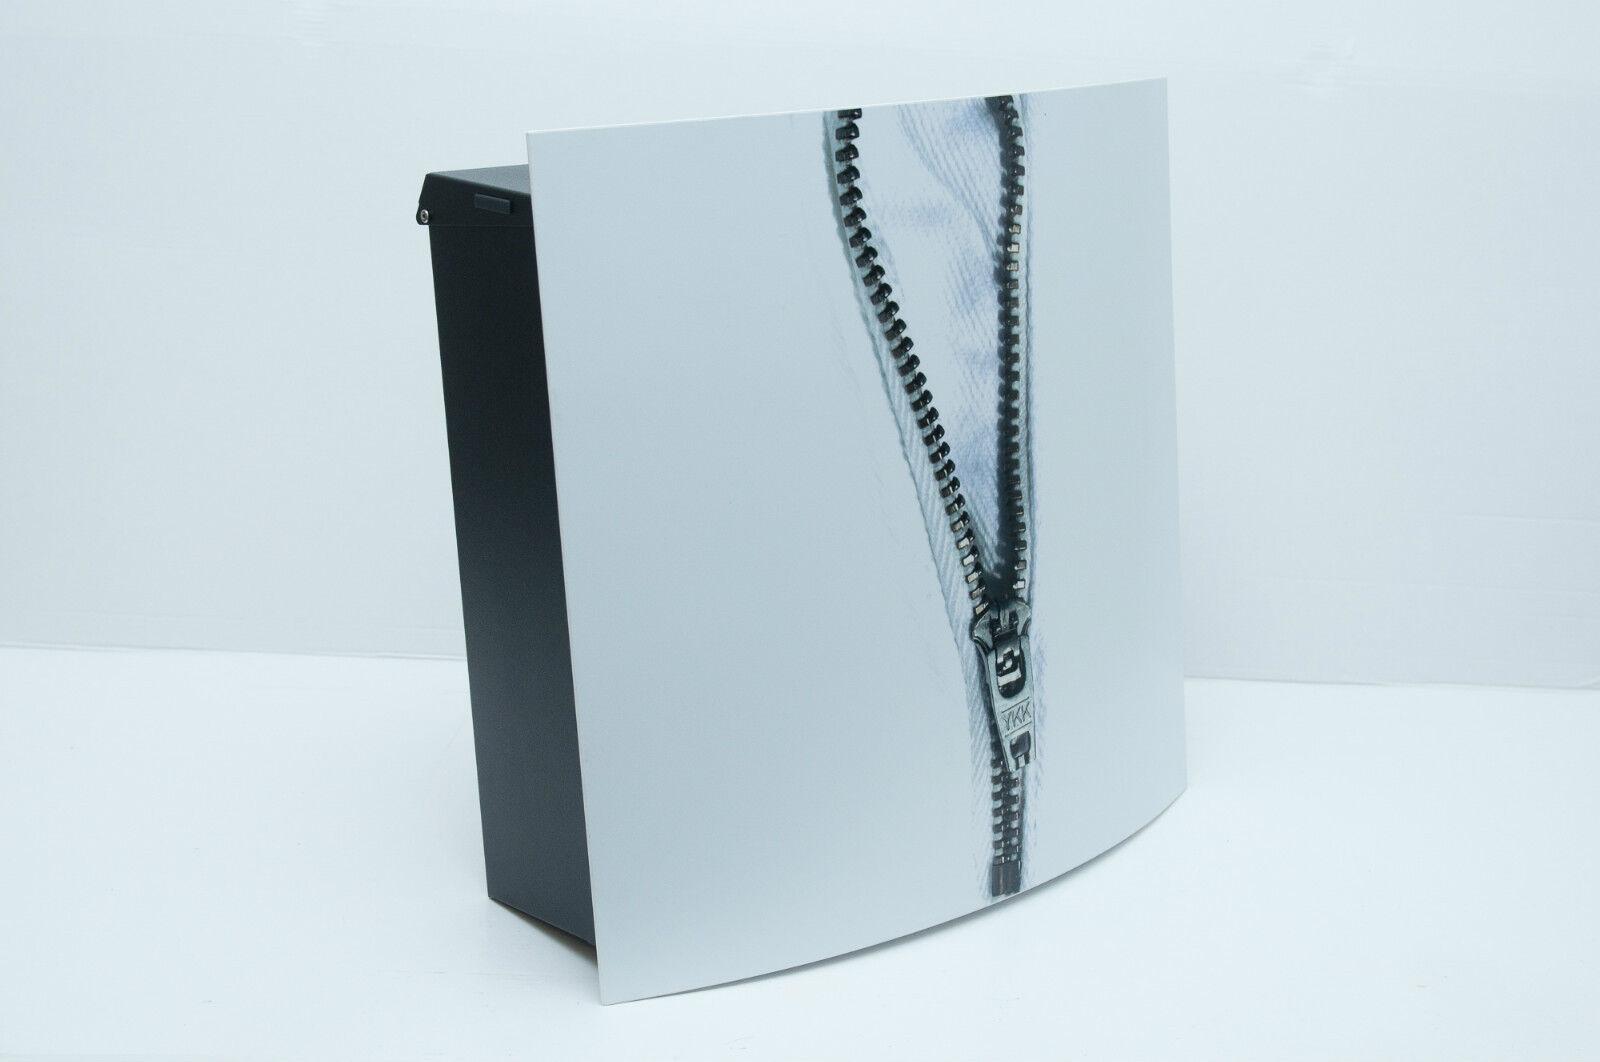 Max Knobloch Design-Letter Box   Dessau   405.8oz with Zipper-Aperture